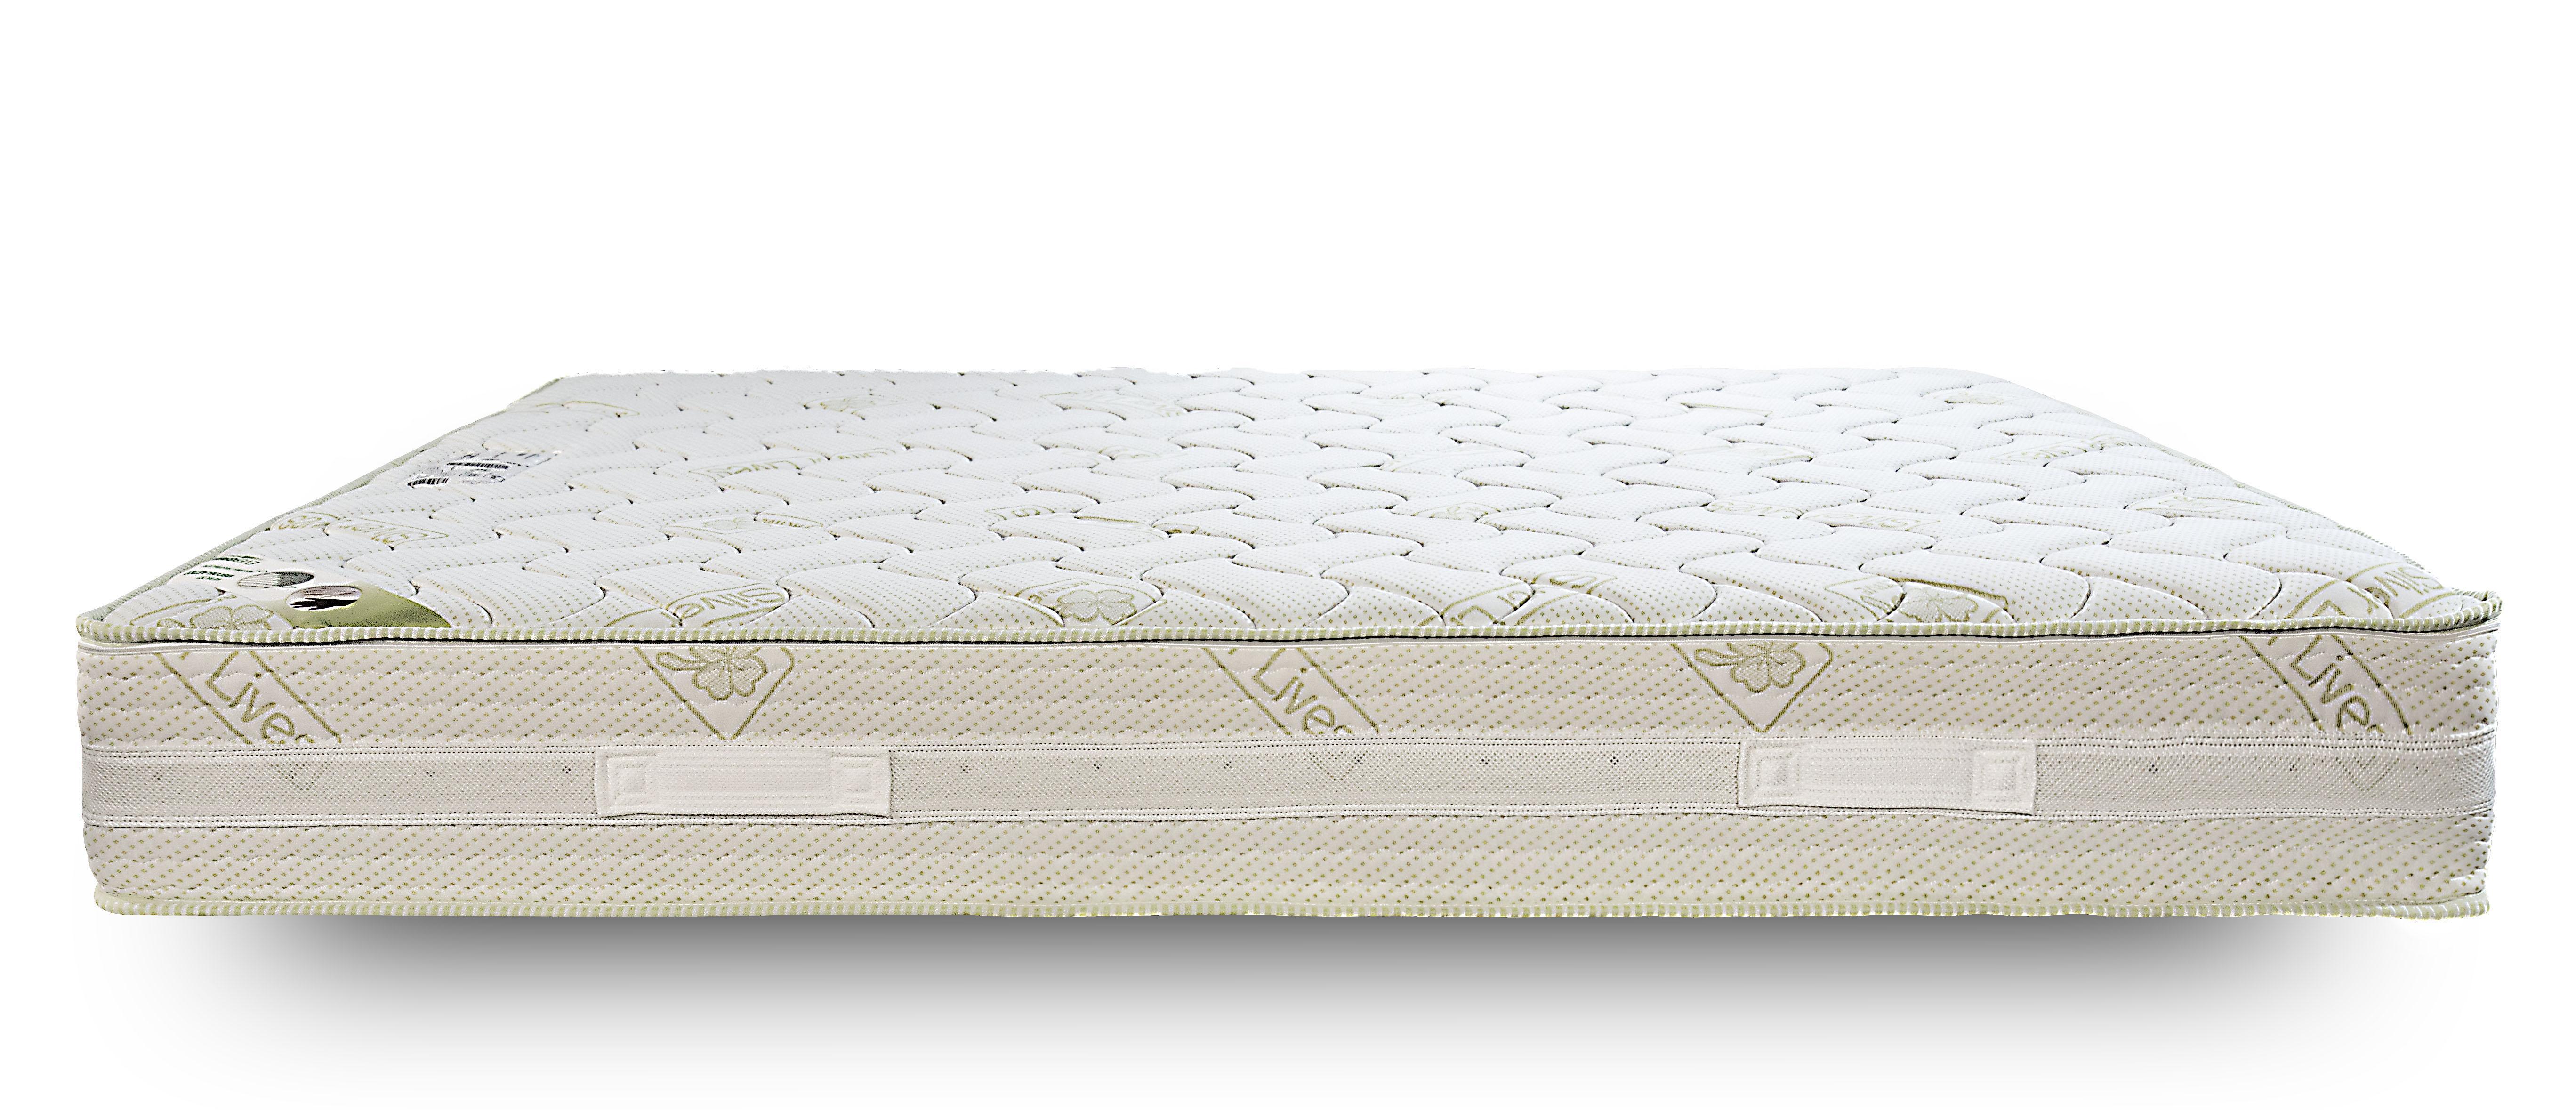 orthop dische matratze visco kaltschaum und silver bezug h21 allen gr en ebay. Black Bedroom Furniture Sets. Home Design Ideas